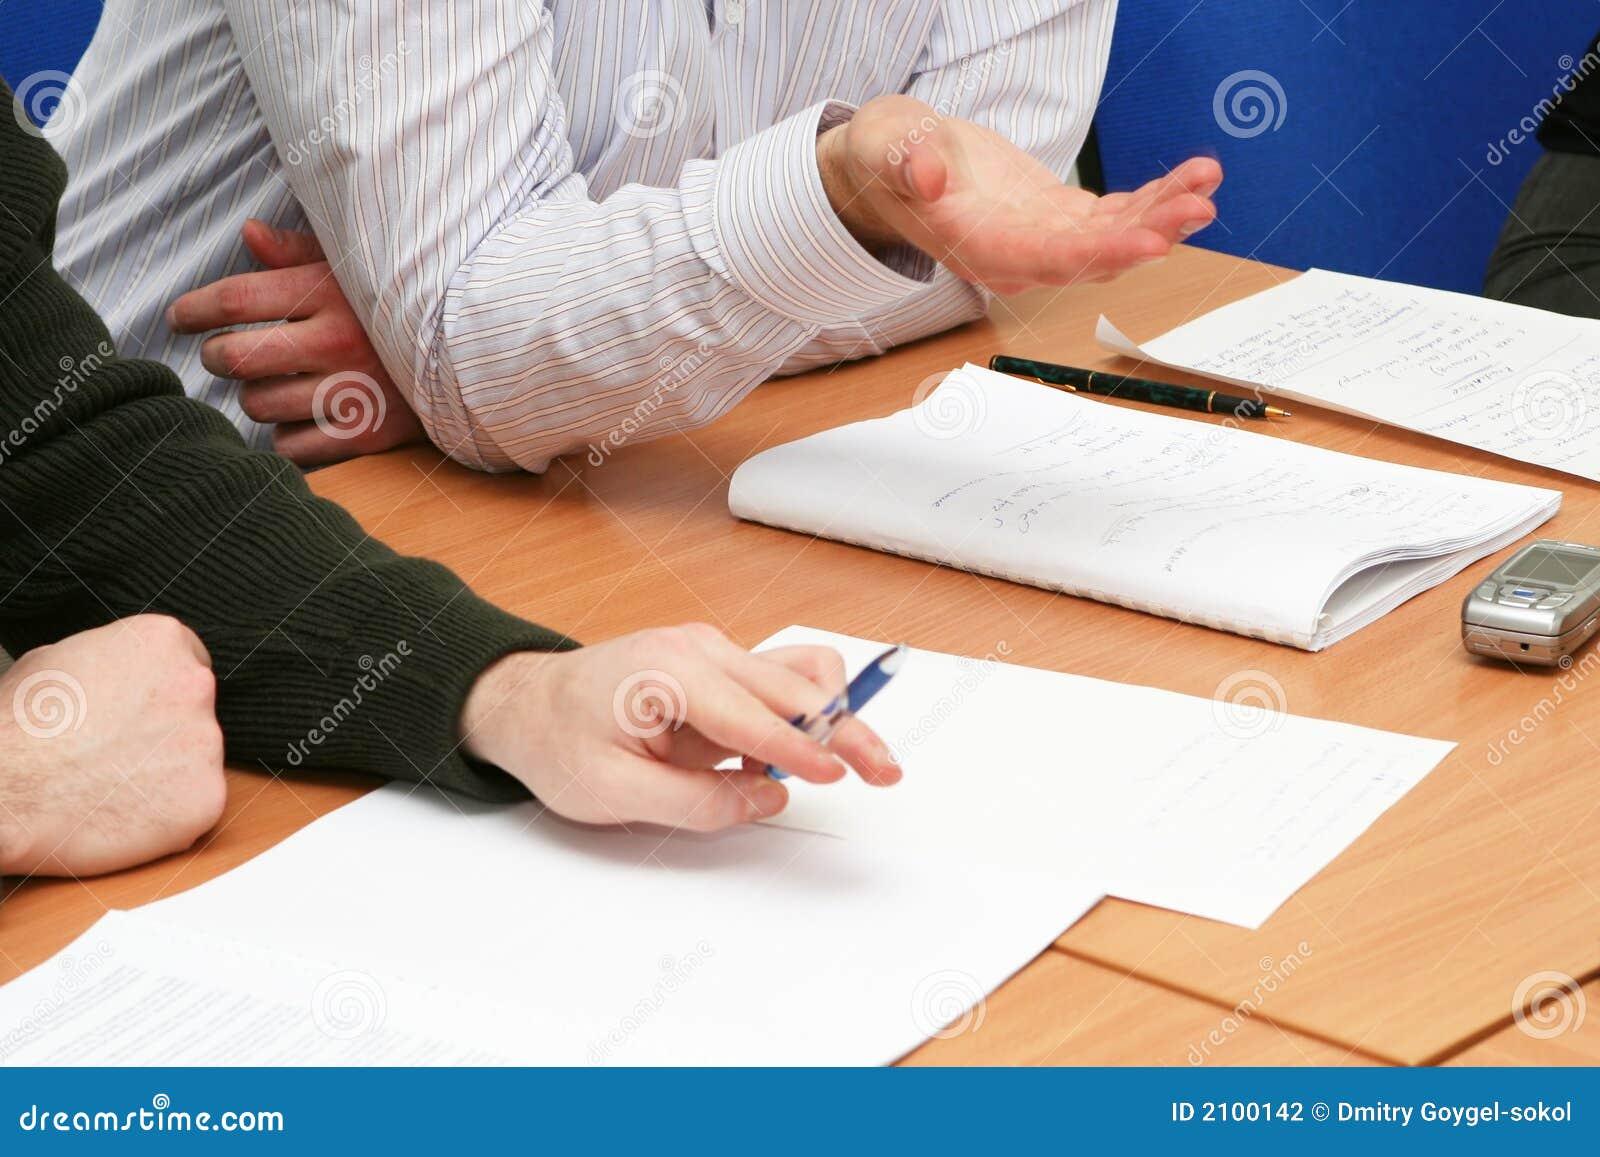 Diskussion auf der Sitzung